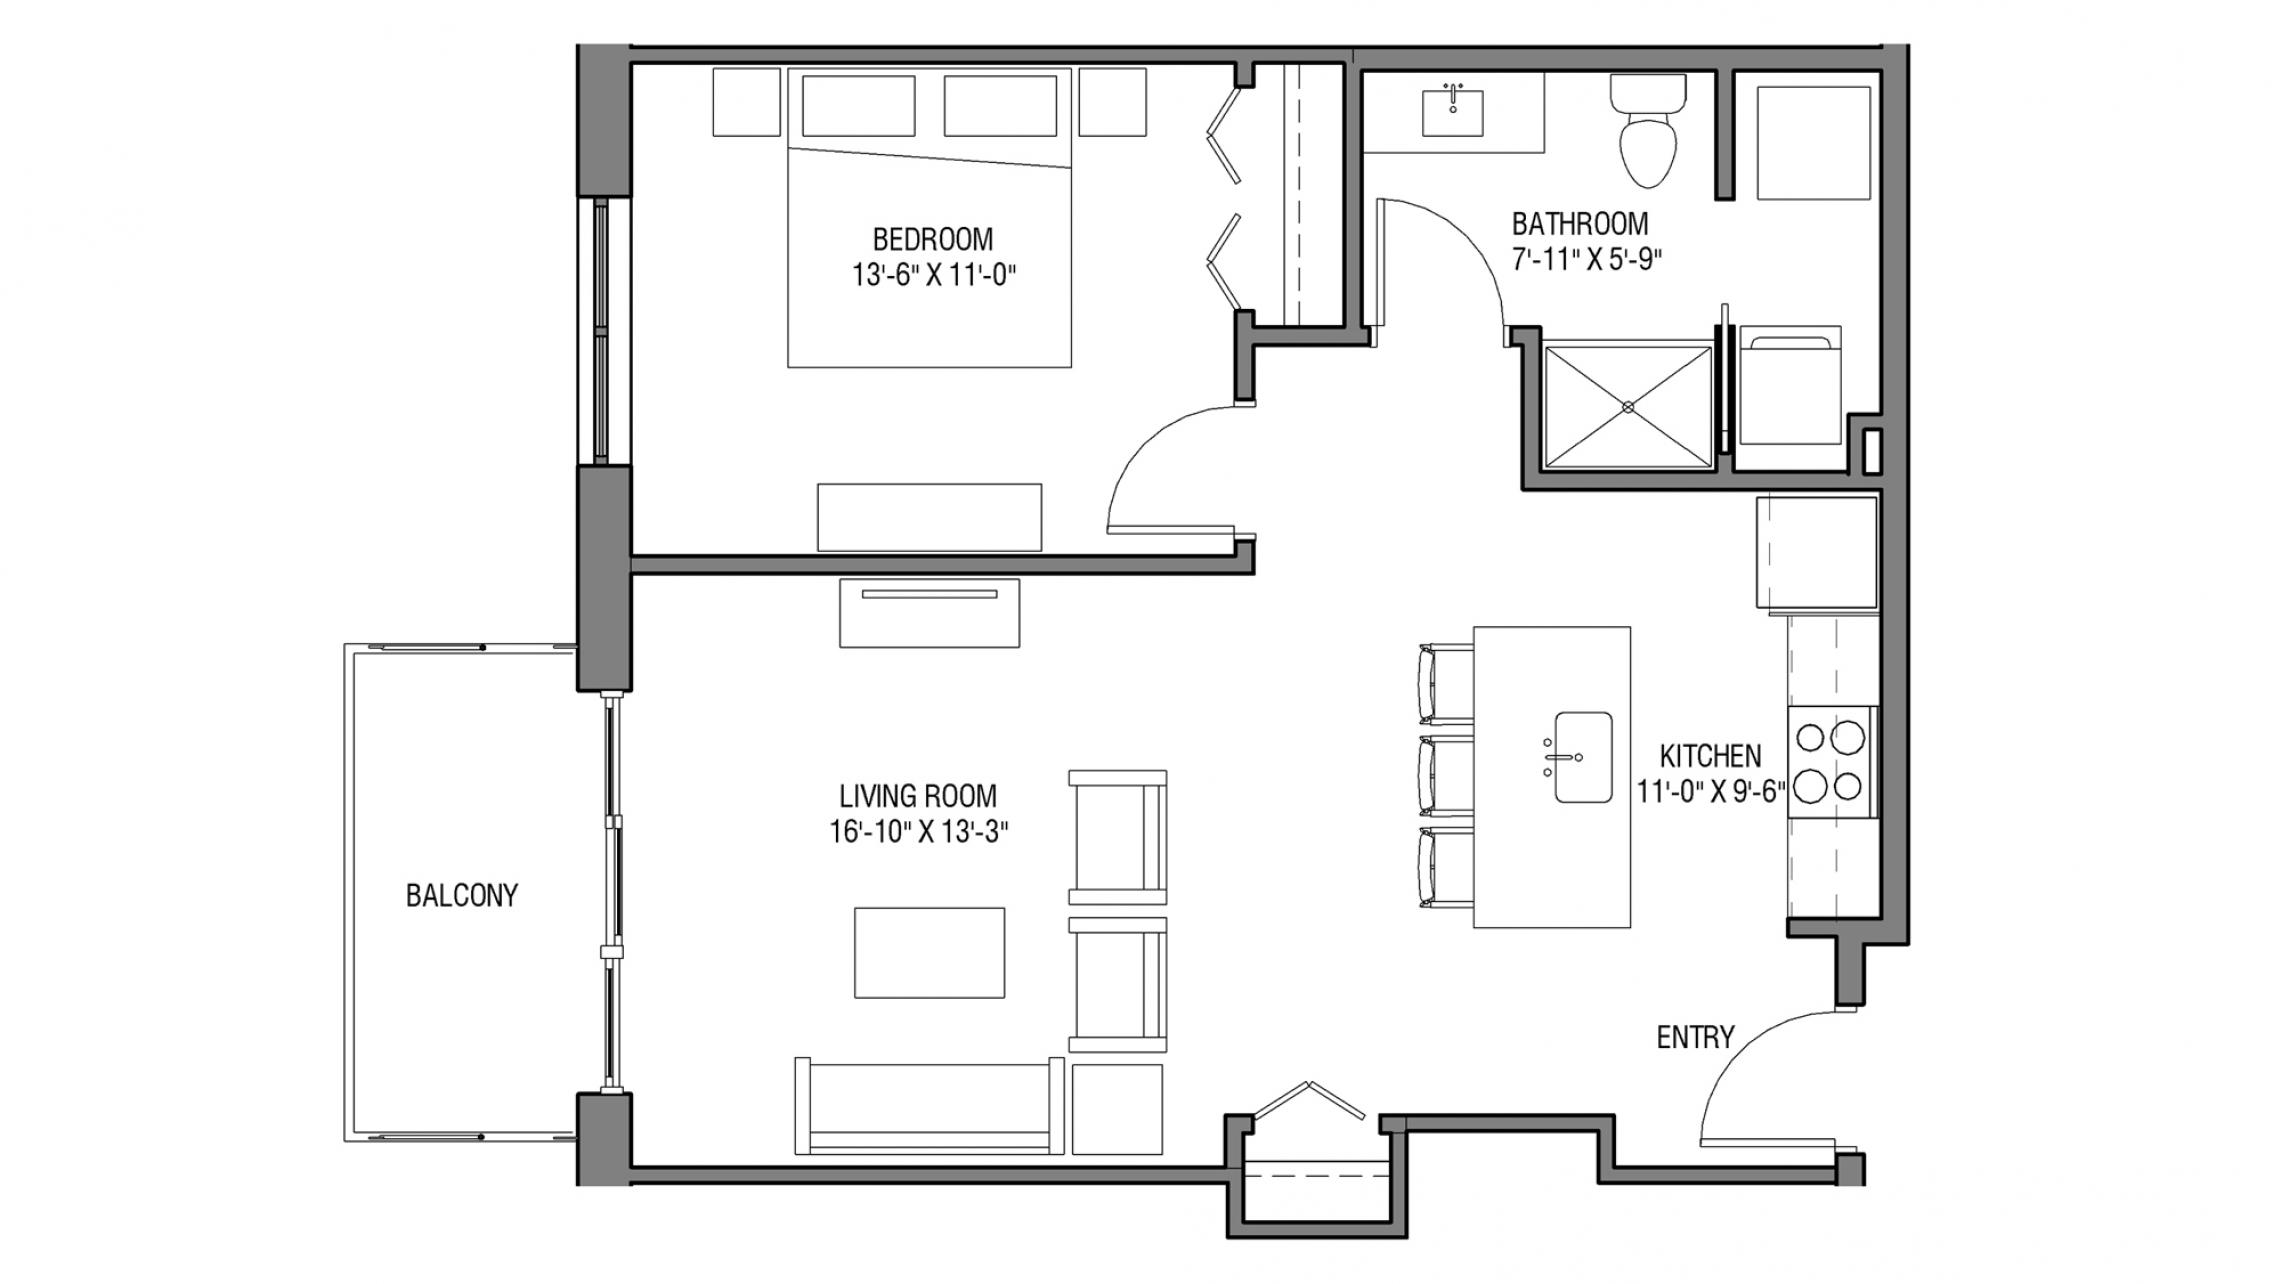 ULI Nine Line 218 - One Bedroom, One Bathroom